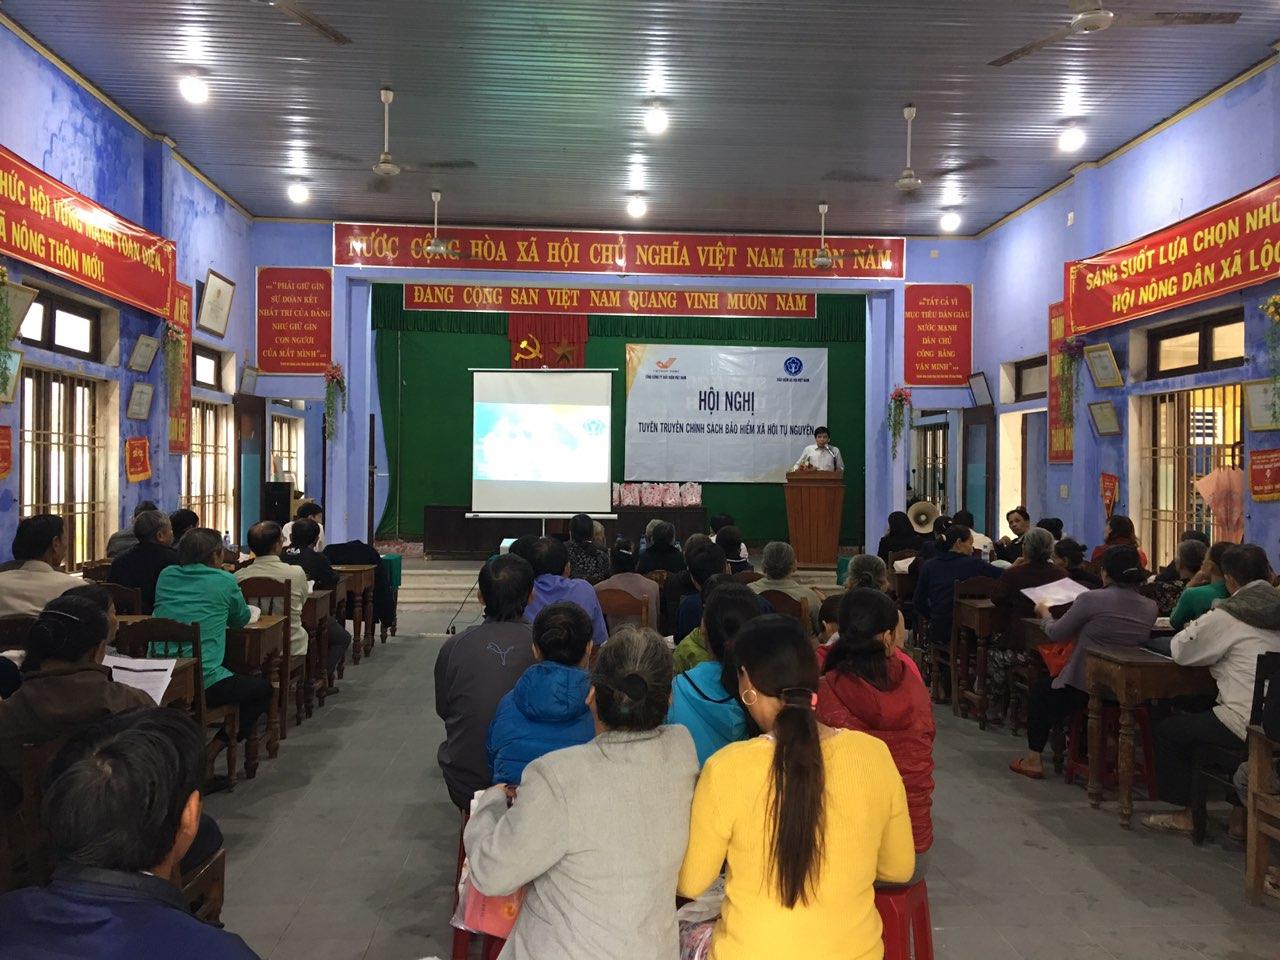 (Hội nghị Bảo hiểm xã hội tự nguyện tại xã Lộc Vĩnh, huyện Phú Lộc, Thừa Thiên Huế).